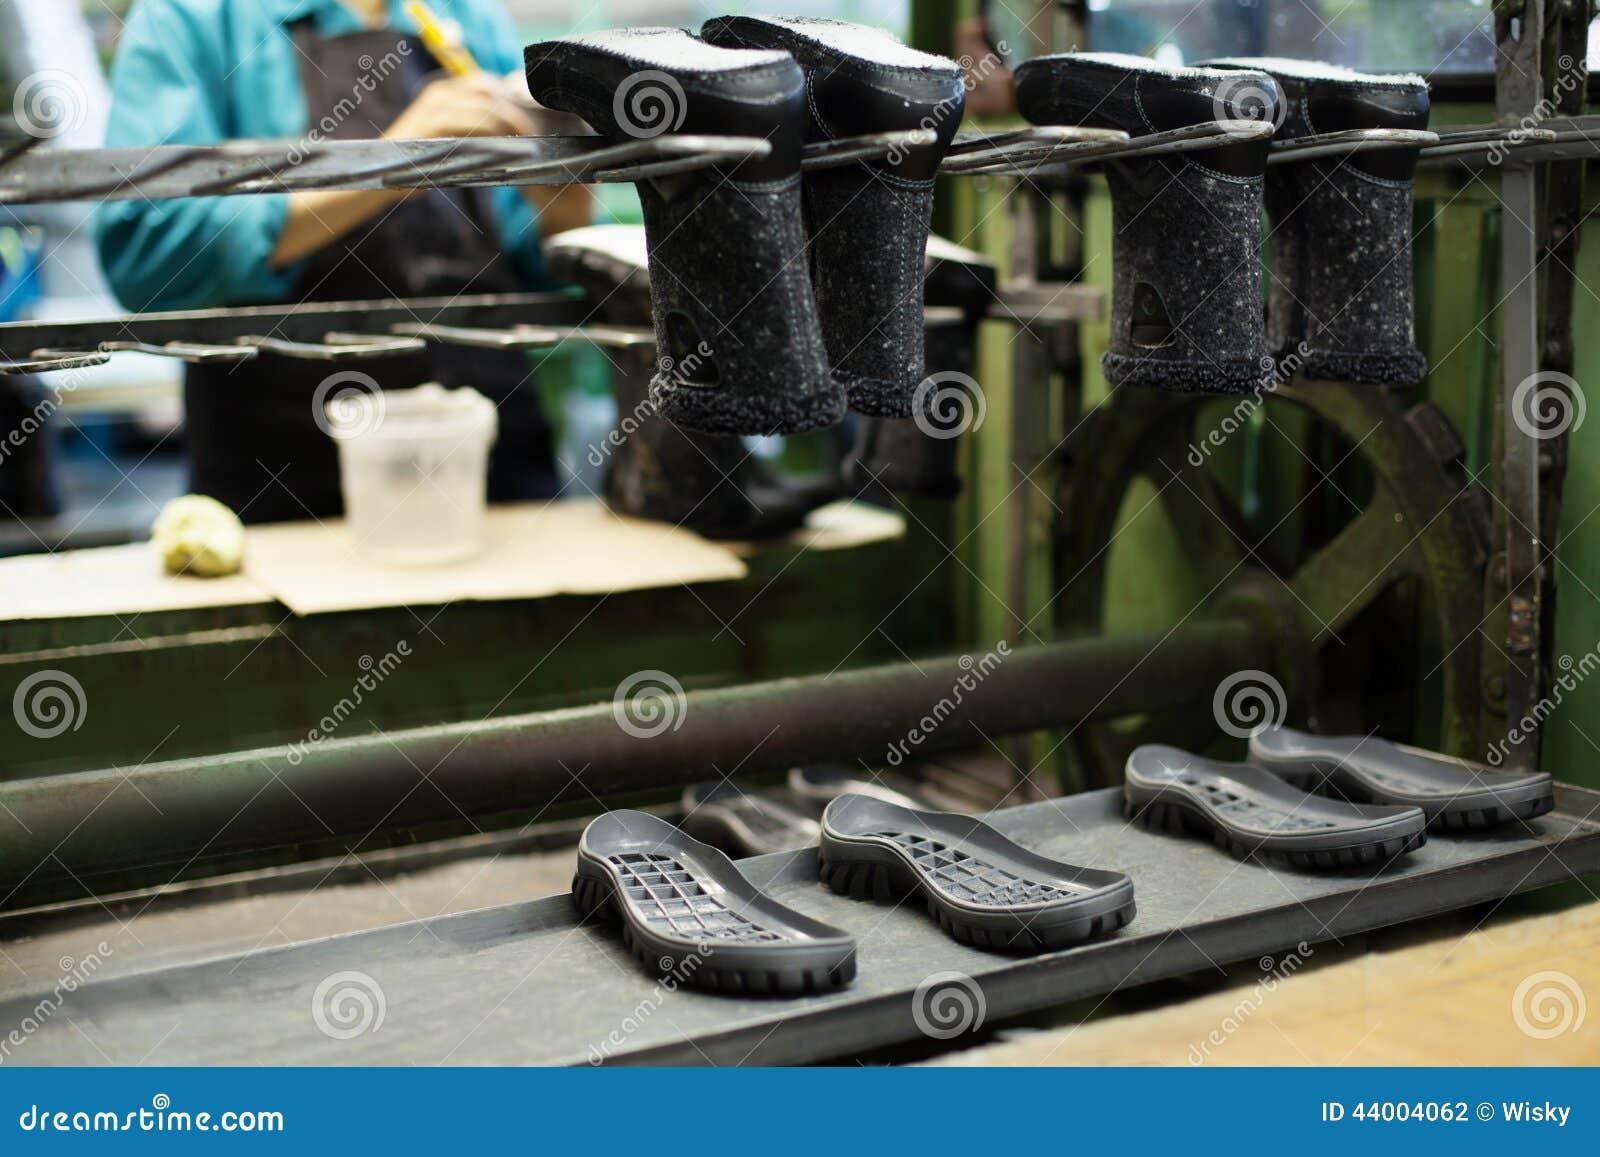 e9f36611d0 Producción Del Calzado - Botas Y Suelas De Goma Foto de archivo ...